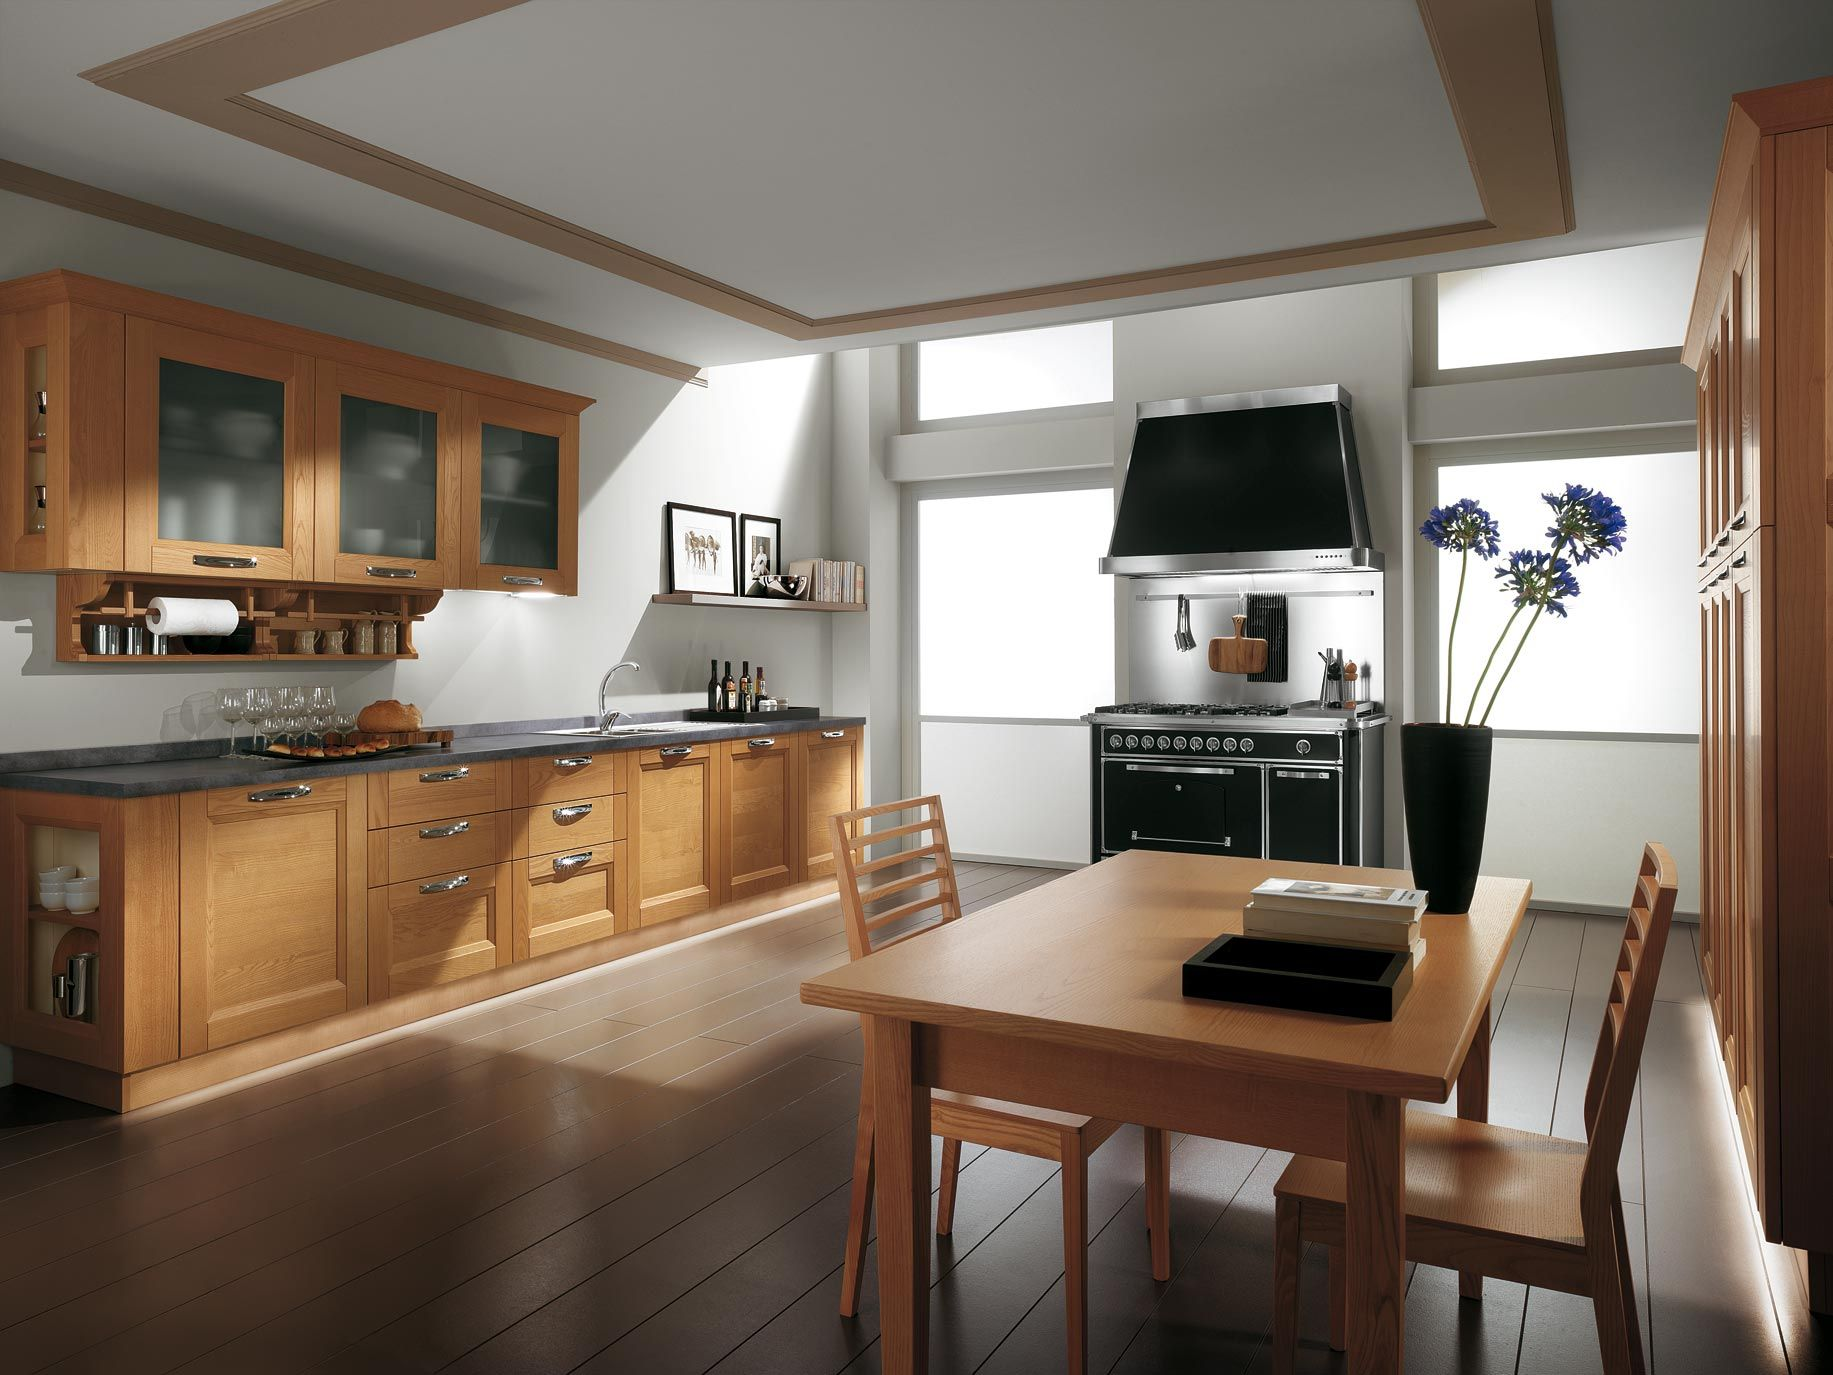 La nostra #CucinaGiulia prevede estetica, flessibilita\' e grande ...